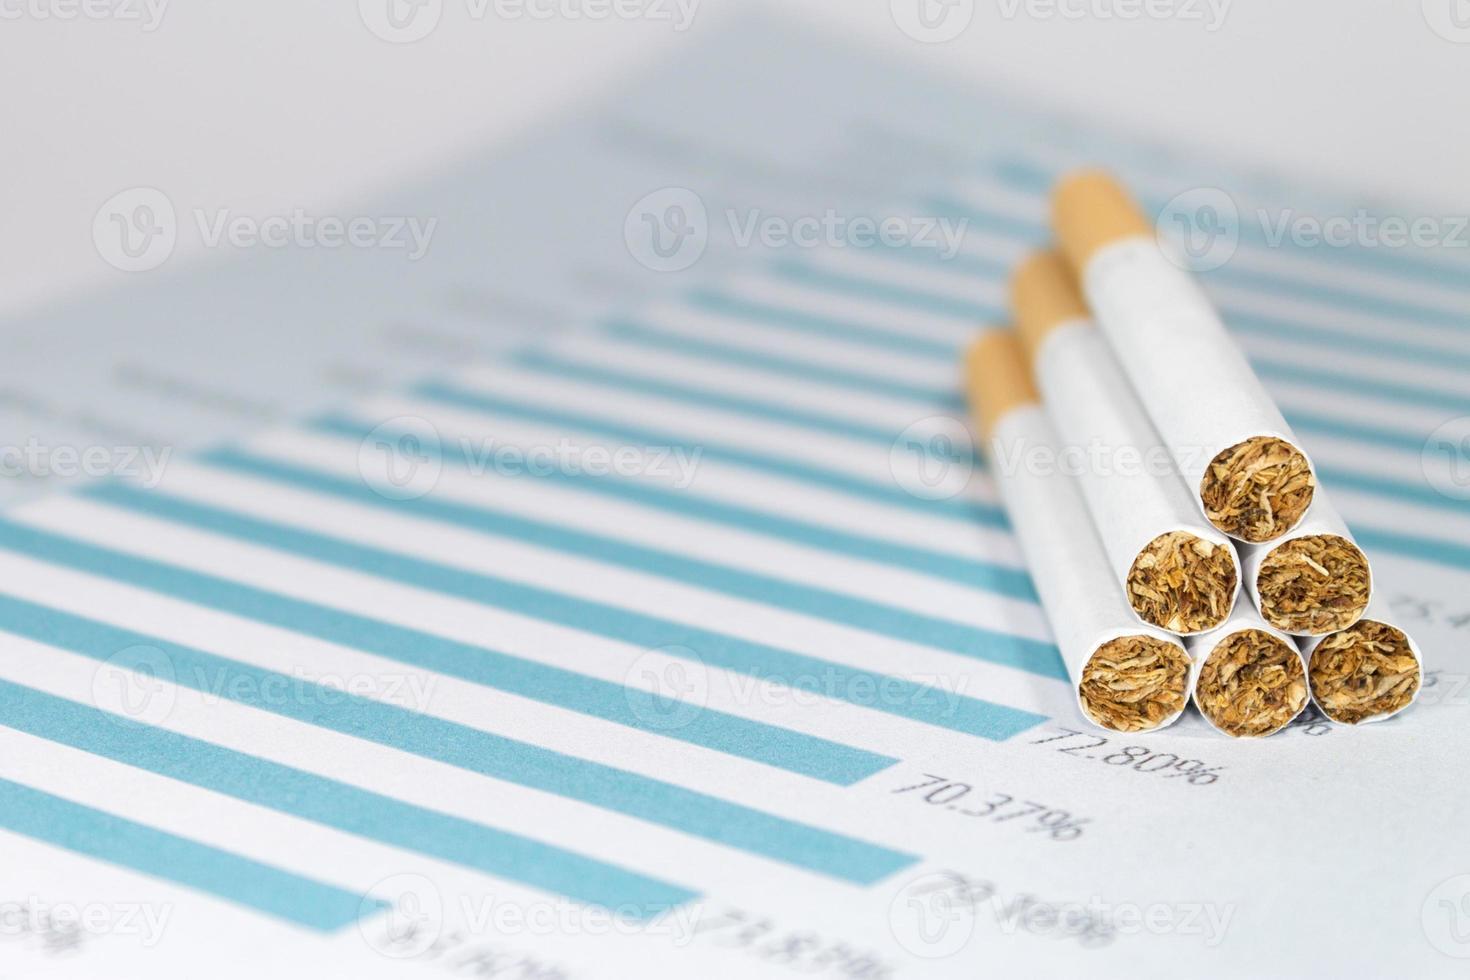 Zigaretten auf der Steuerkarte foto